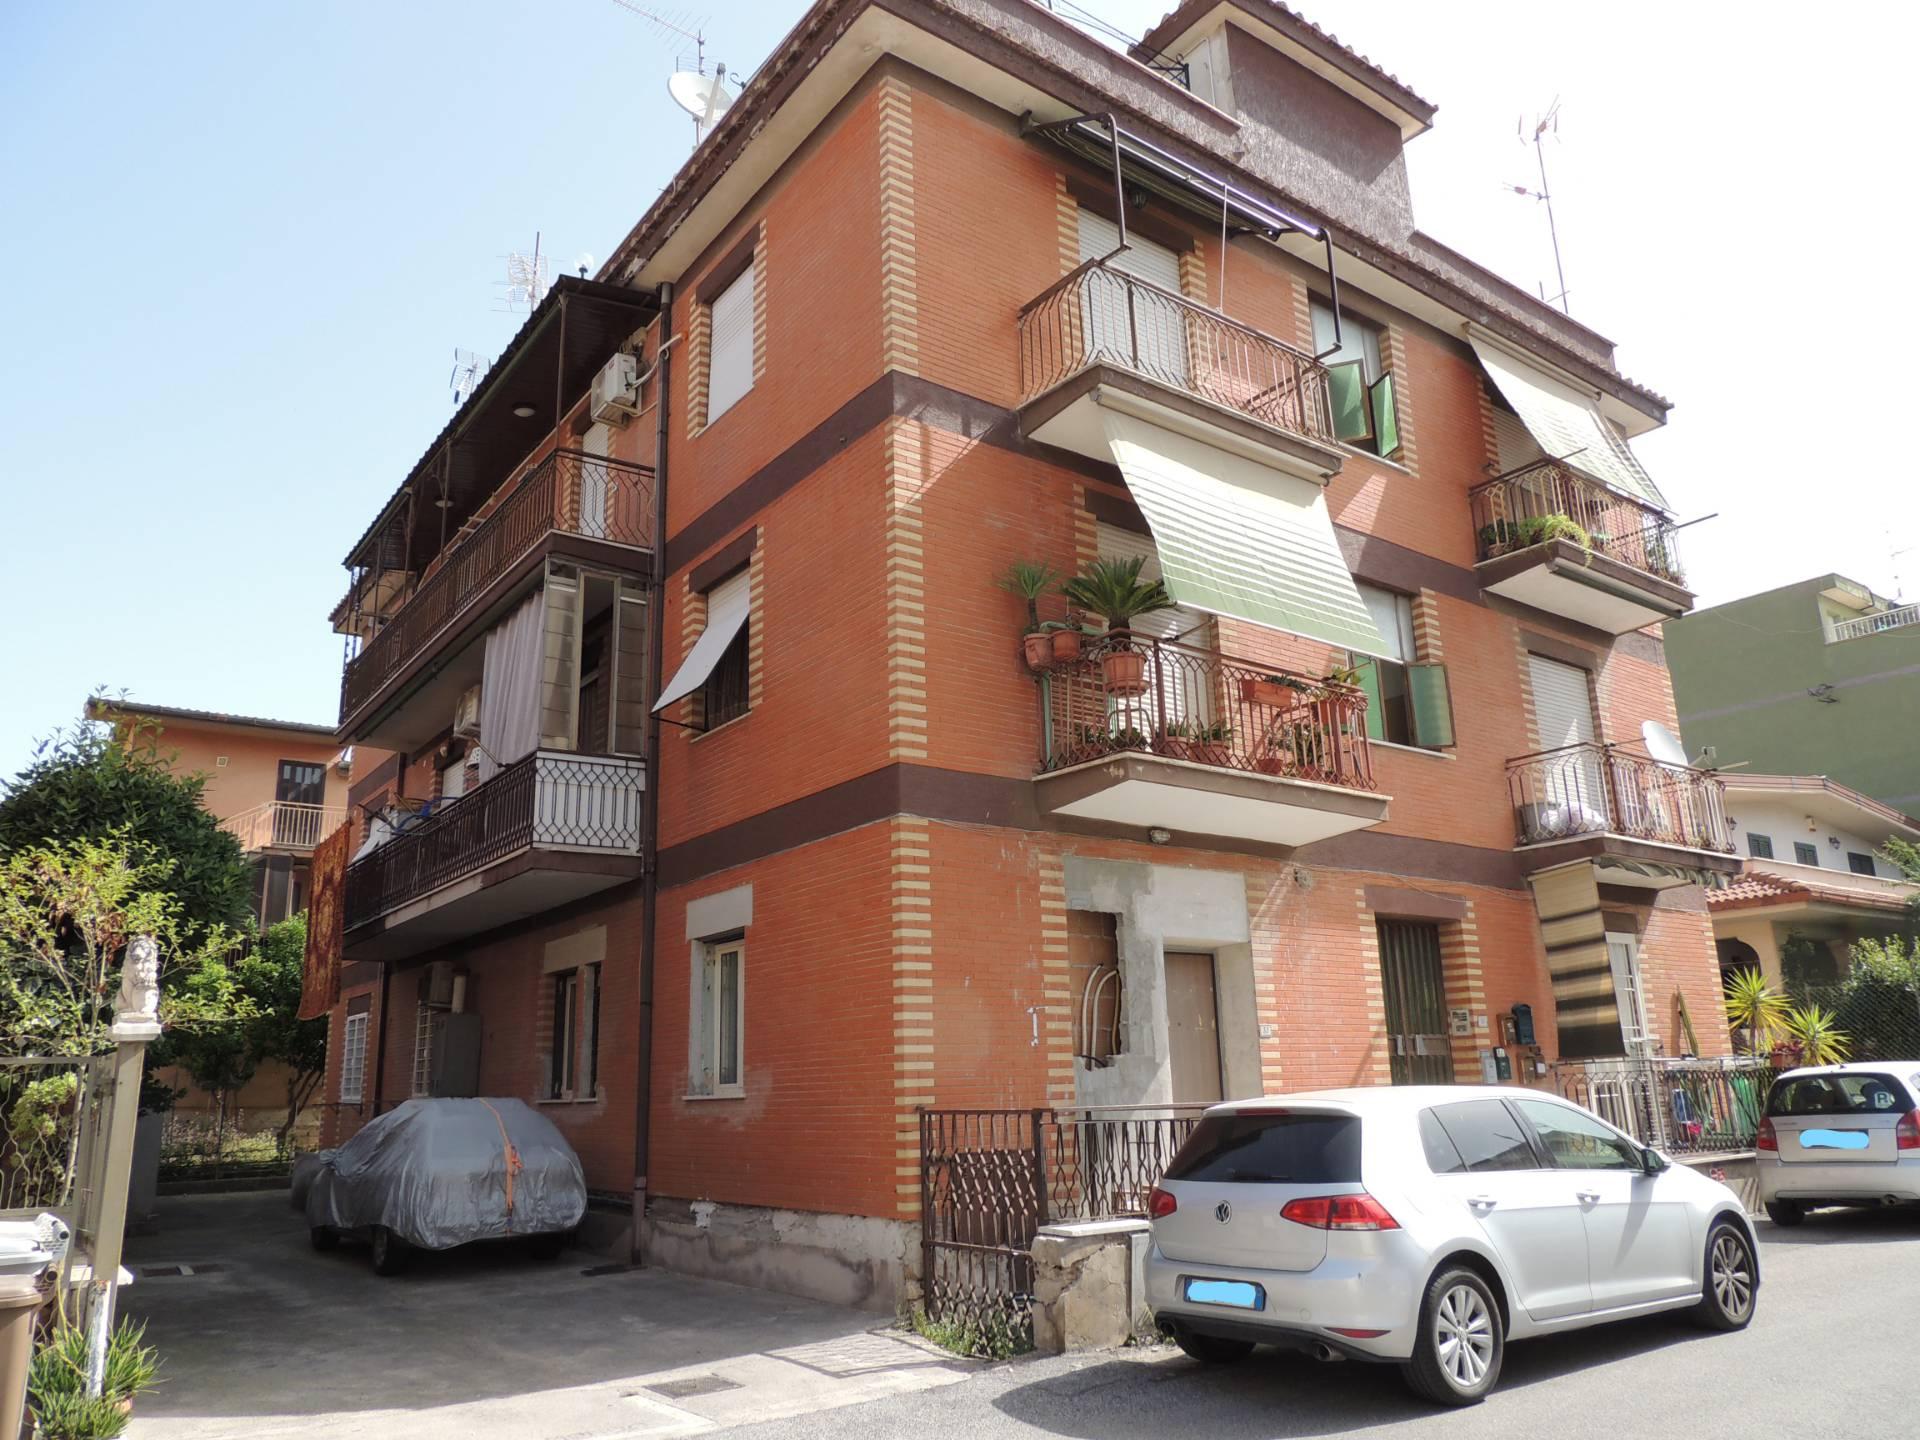 Appartamento in vendita a Guidonia Montecelio, 2 locali, zona Zona: Villanova, prezzo € 55.000 | CambioCasa.it